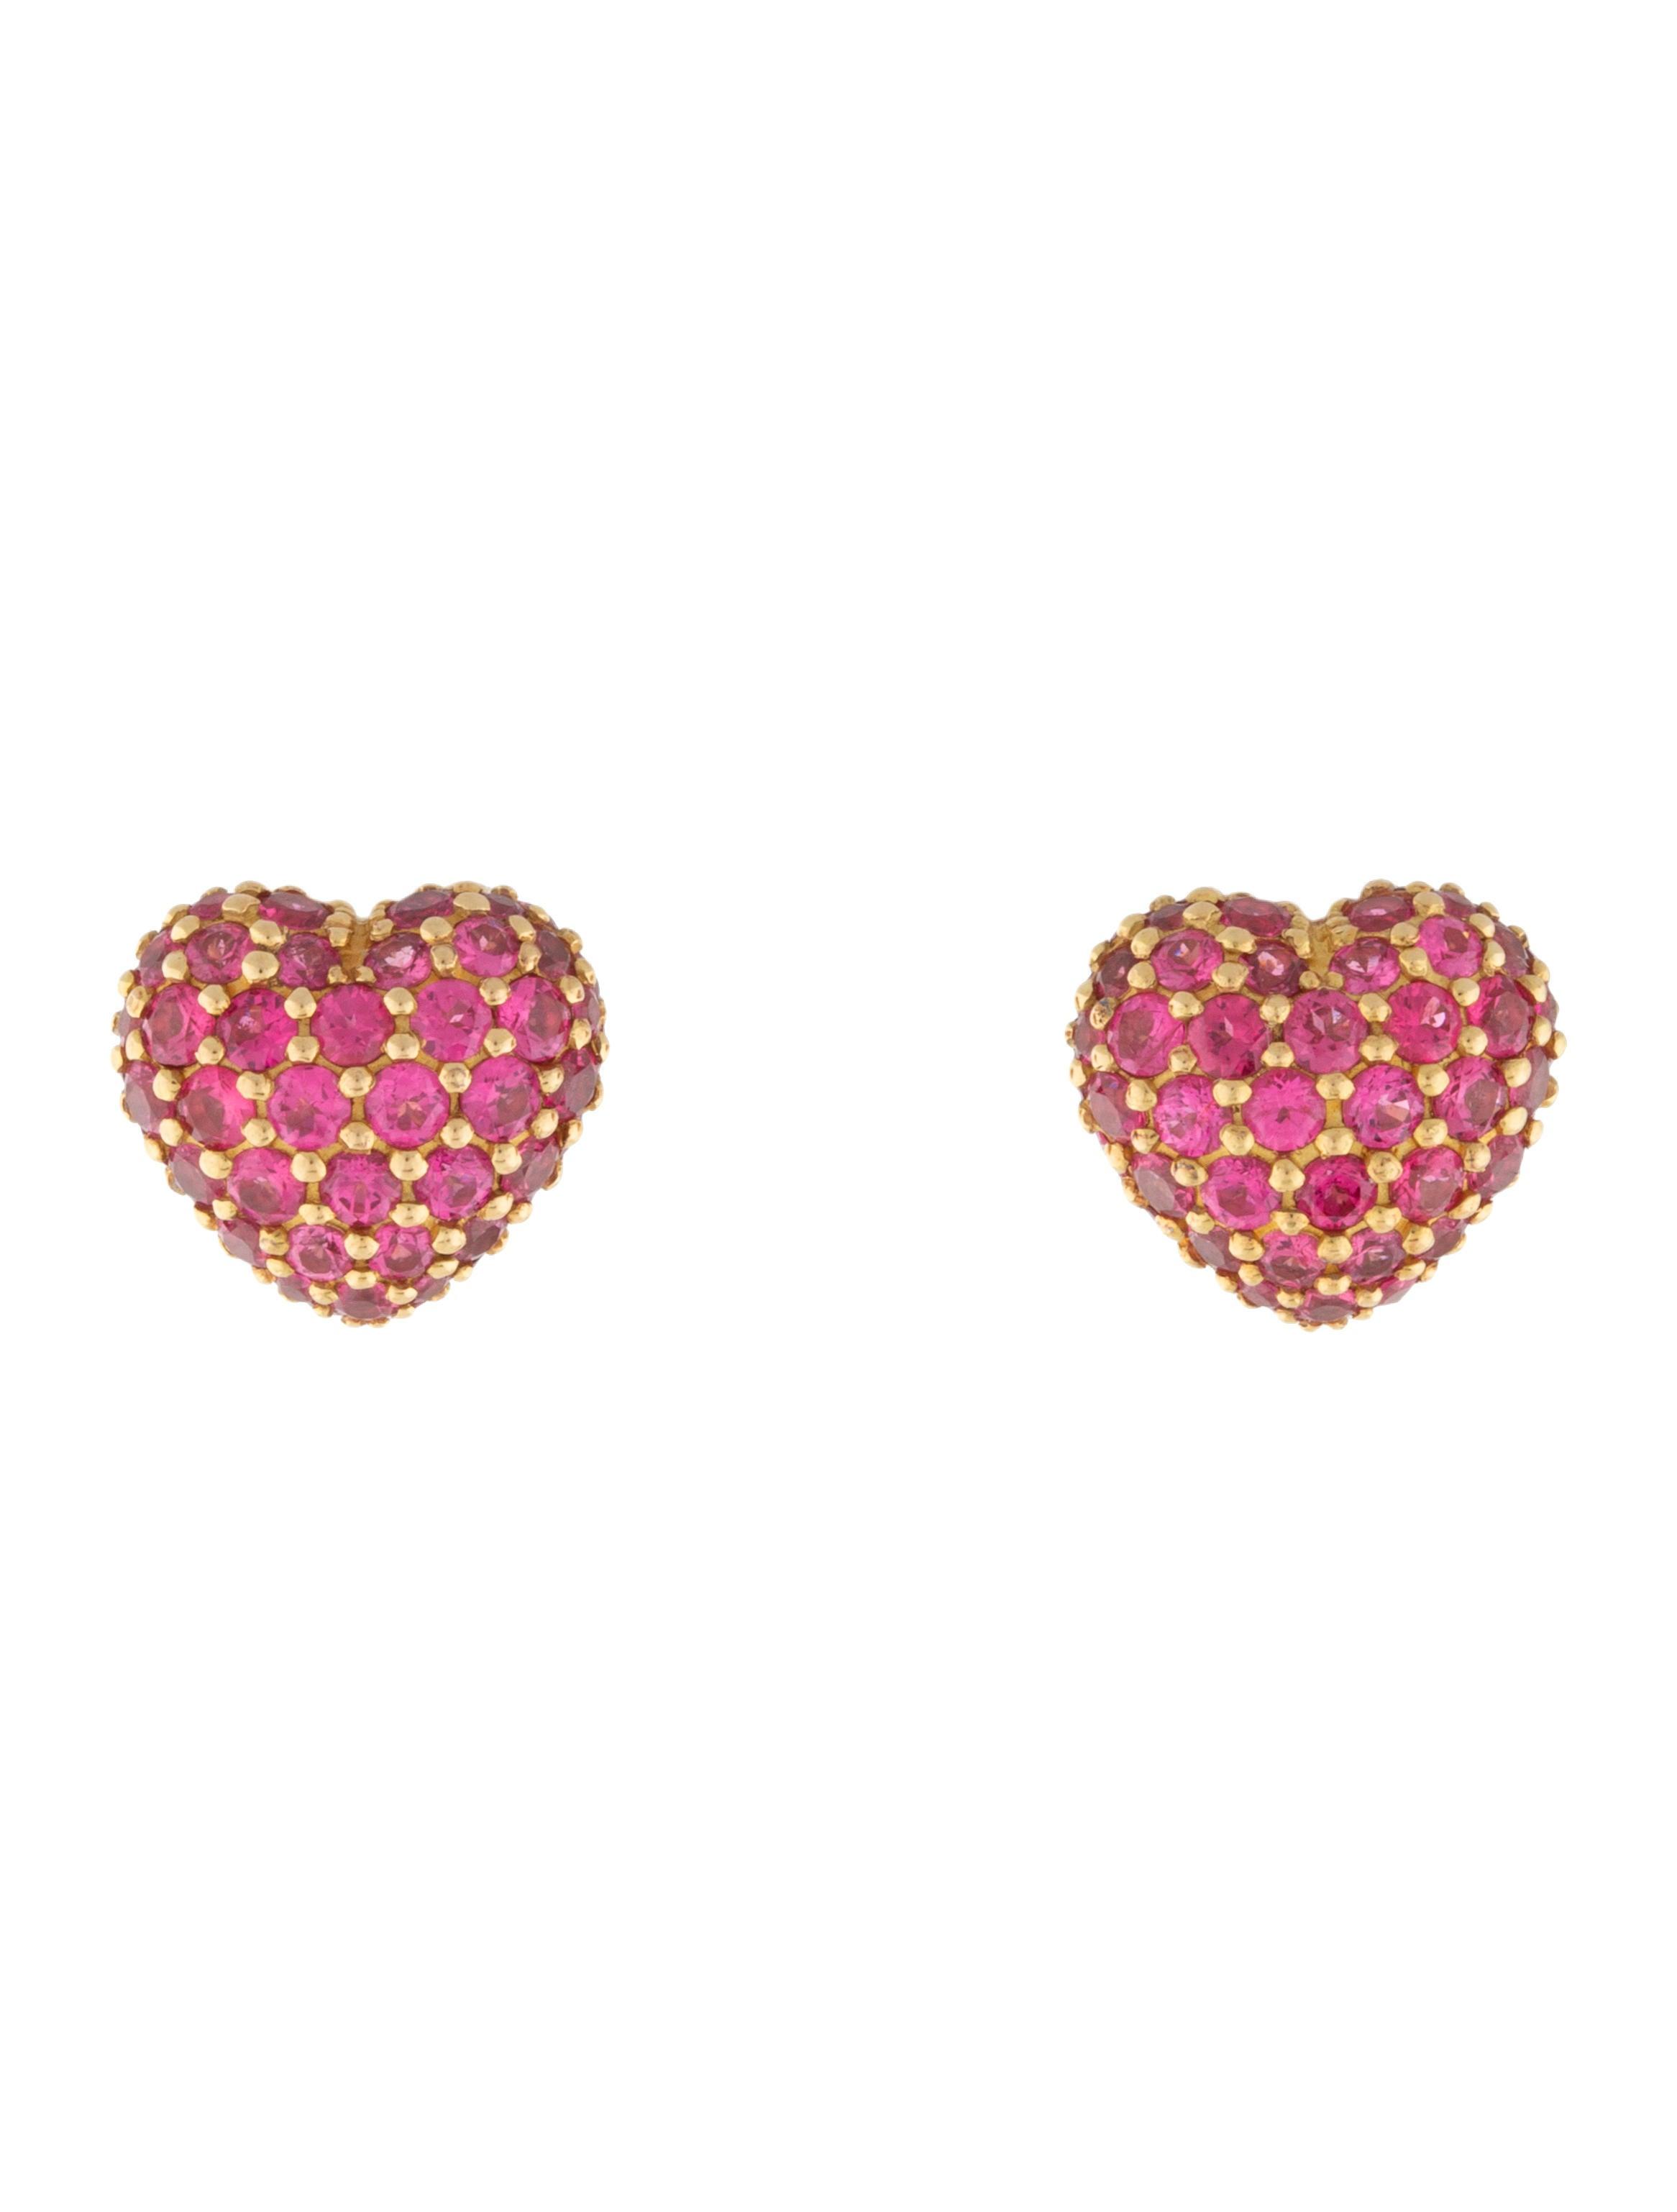 Chopard 18k Ruby Heart Stud Earrings Earrings Chp22924 The